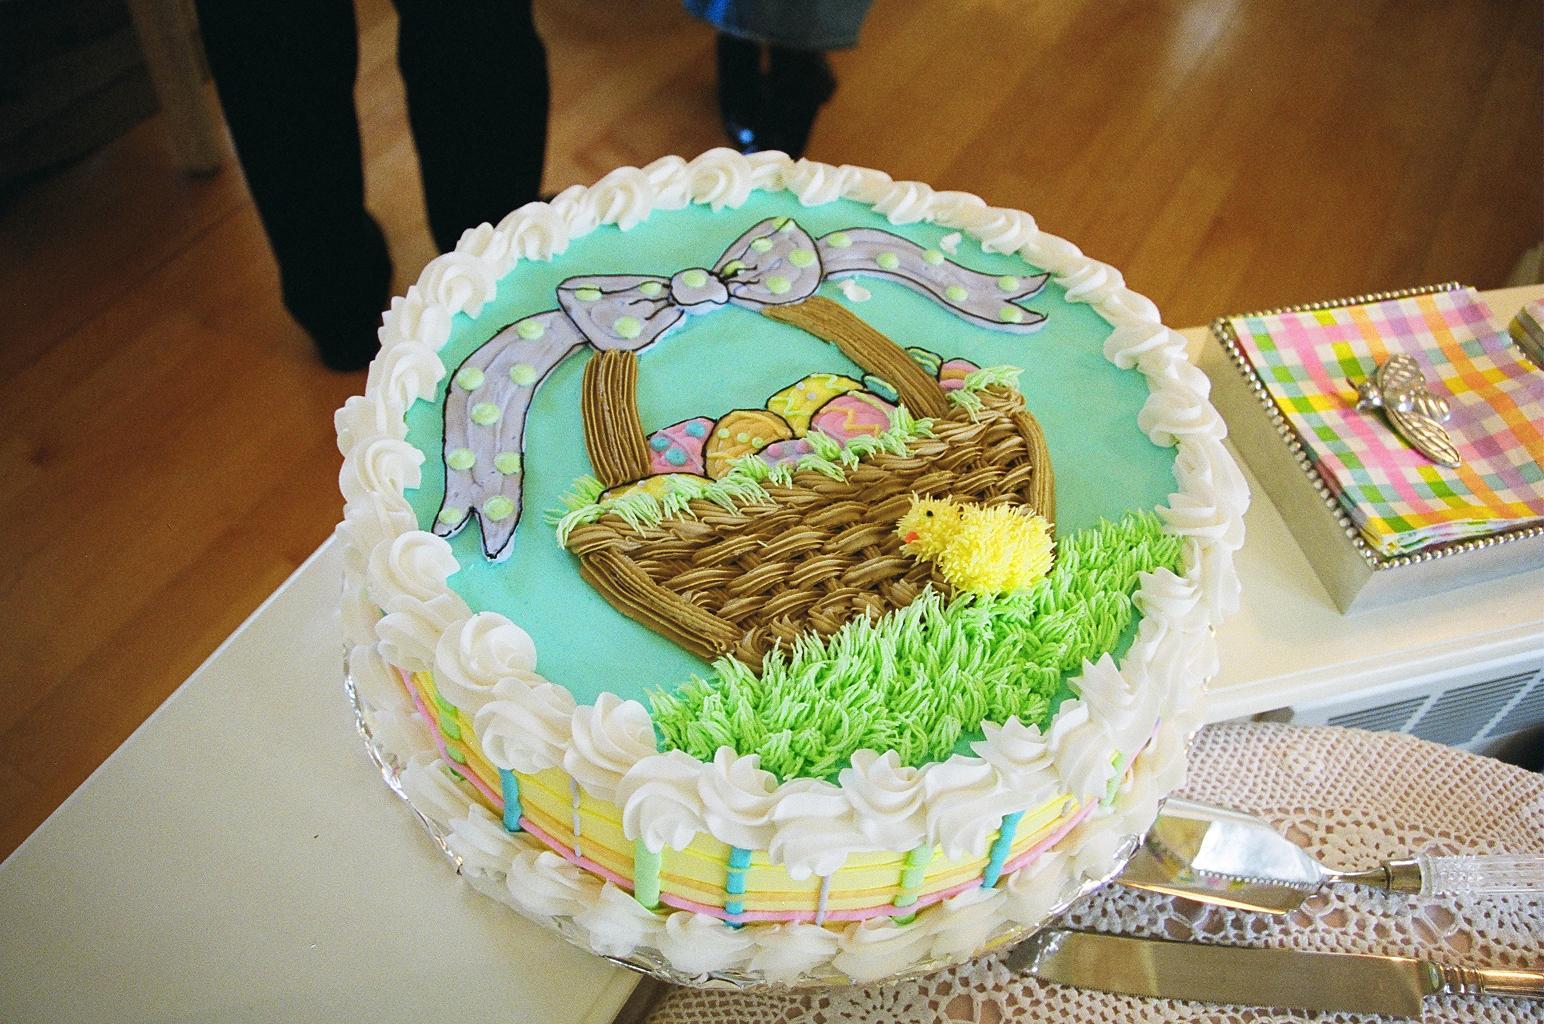 Cake By Cousin Lynnanne Curcuru